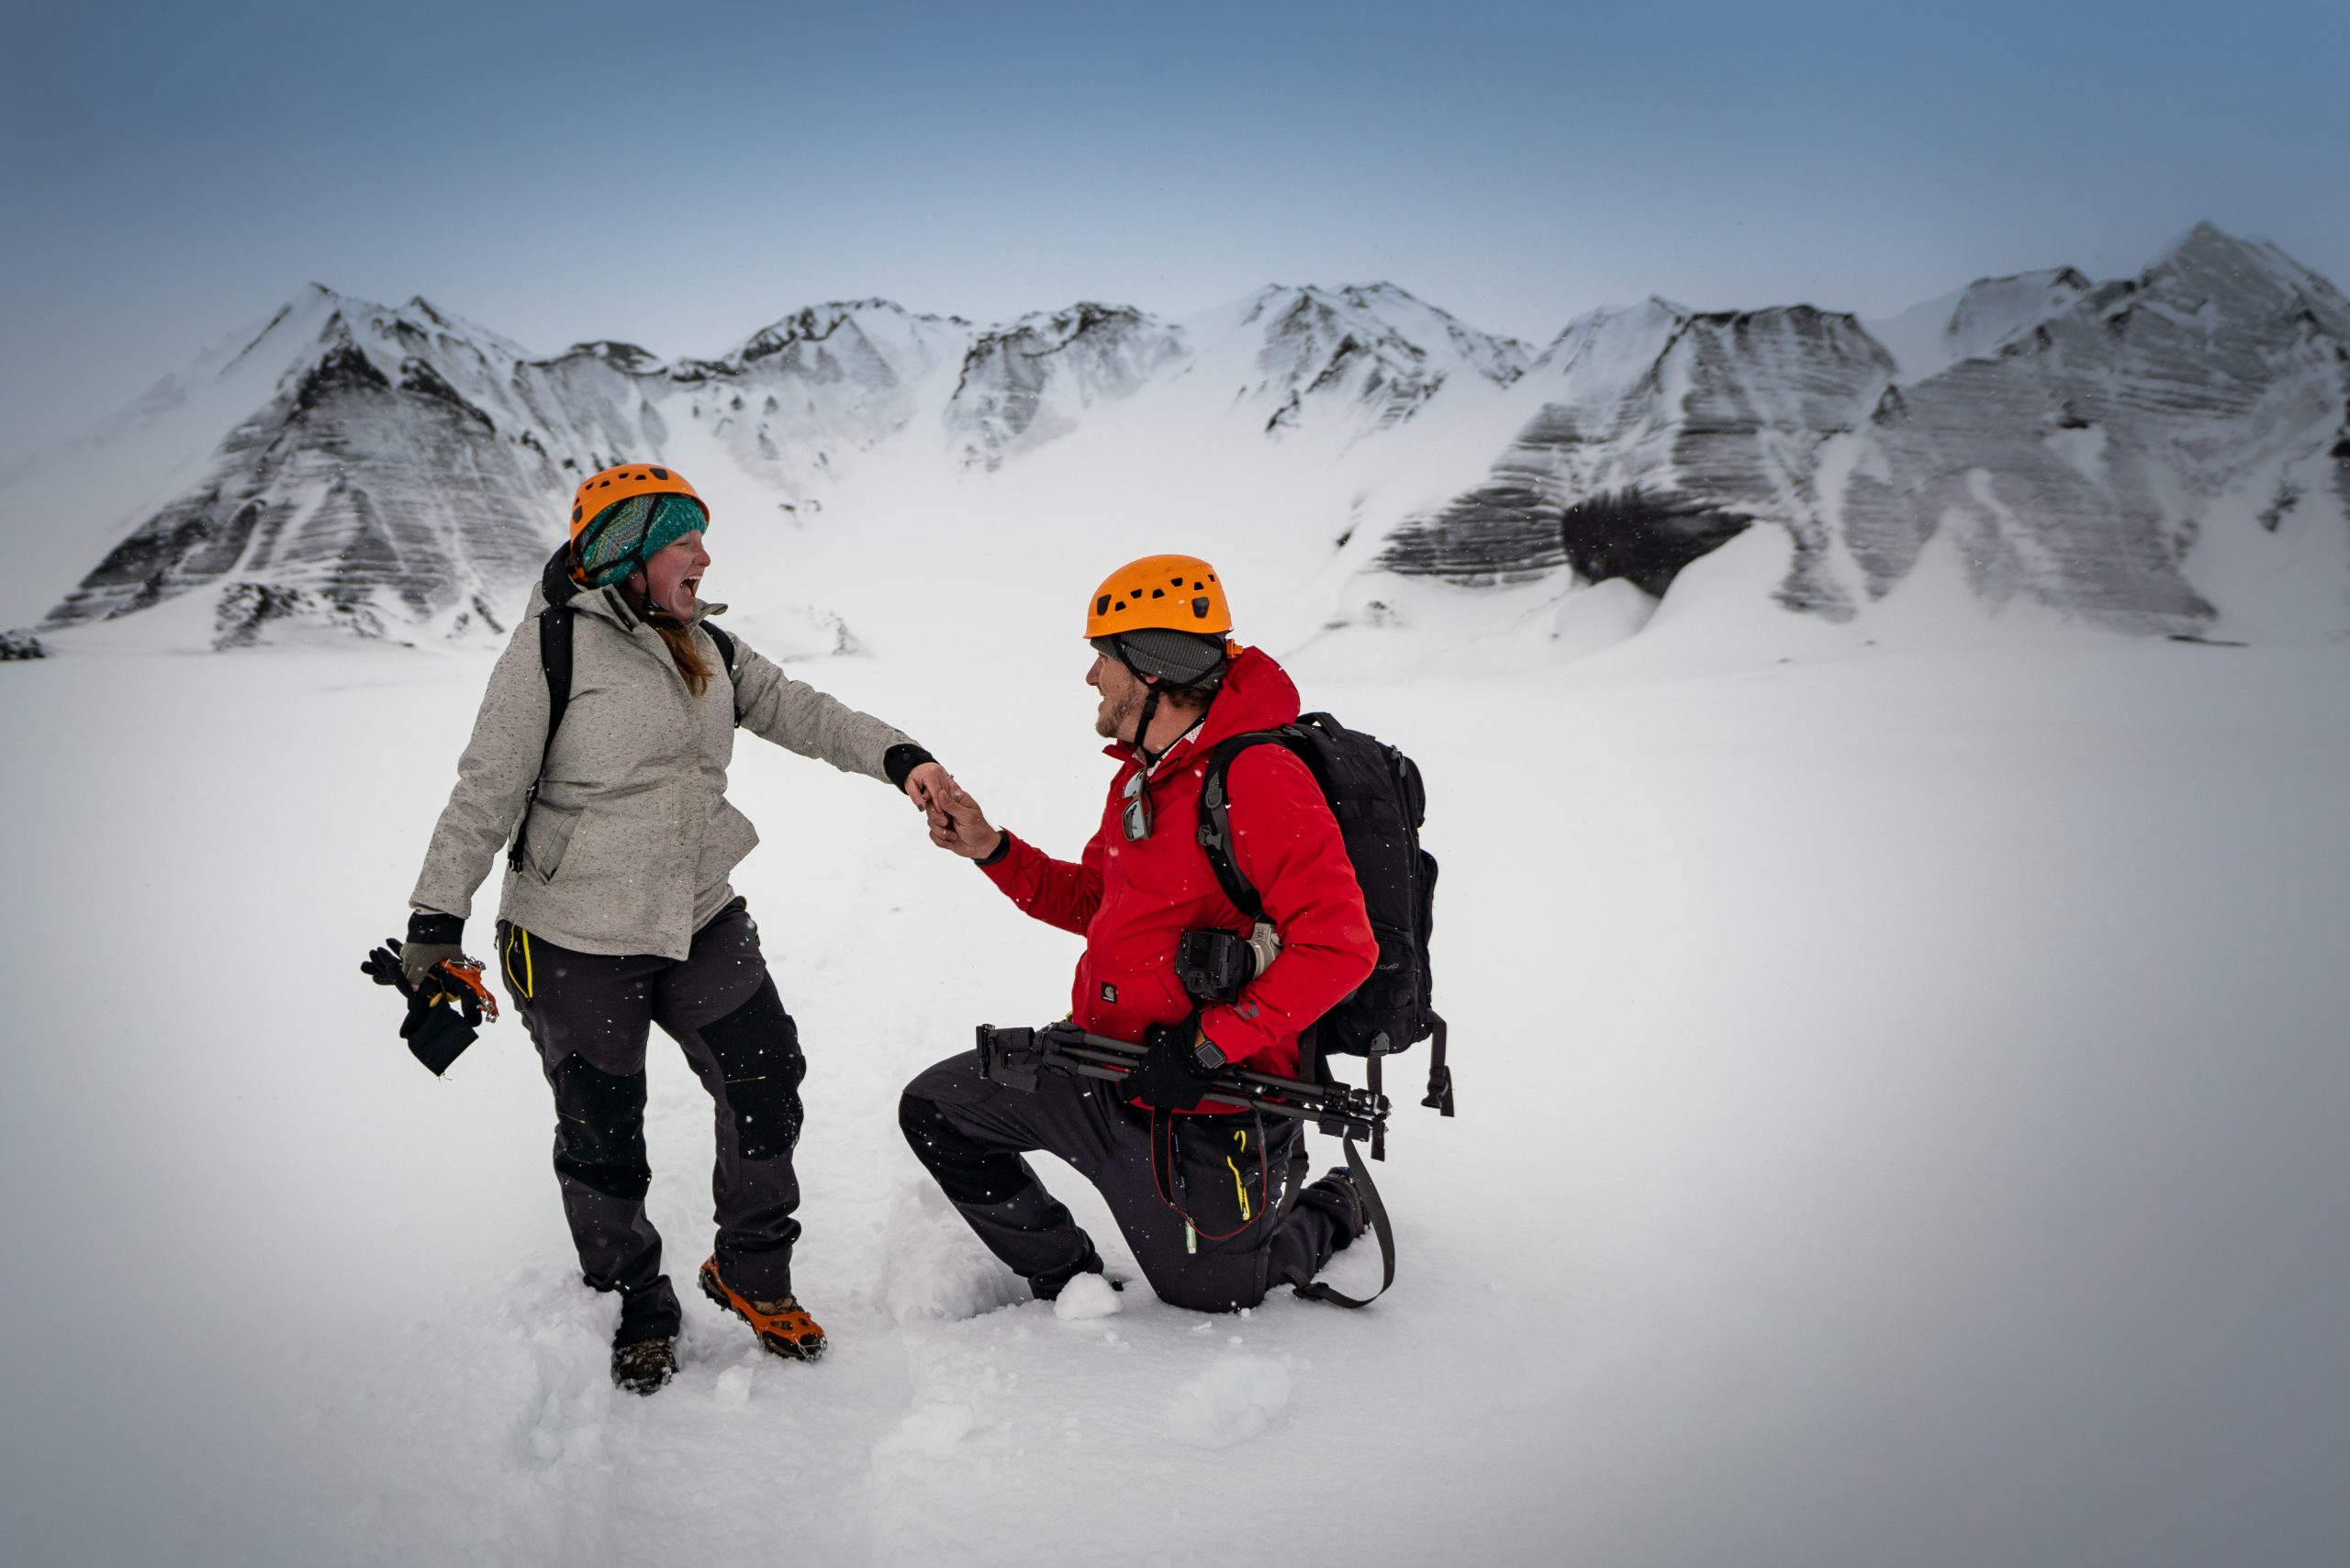 YFFUK Phil Endicott Morgan Myrdalsjokull Iceland engagement story 3